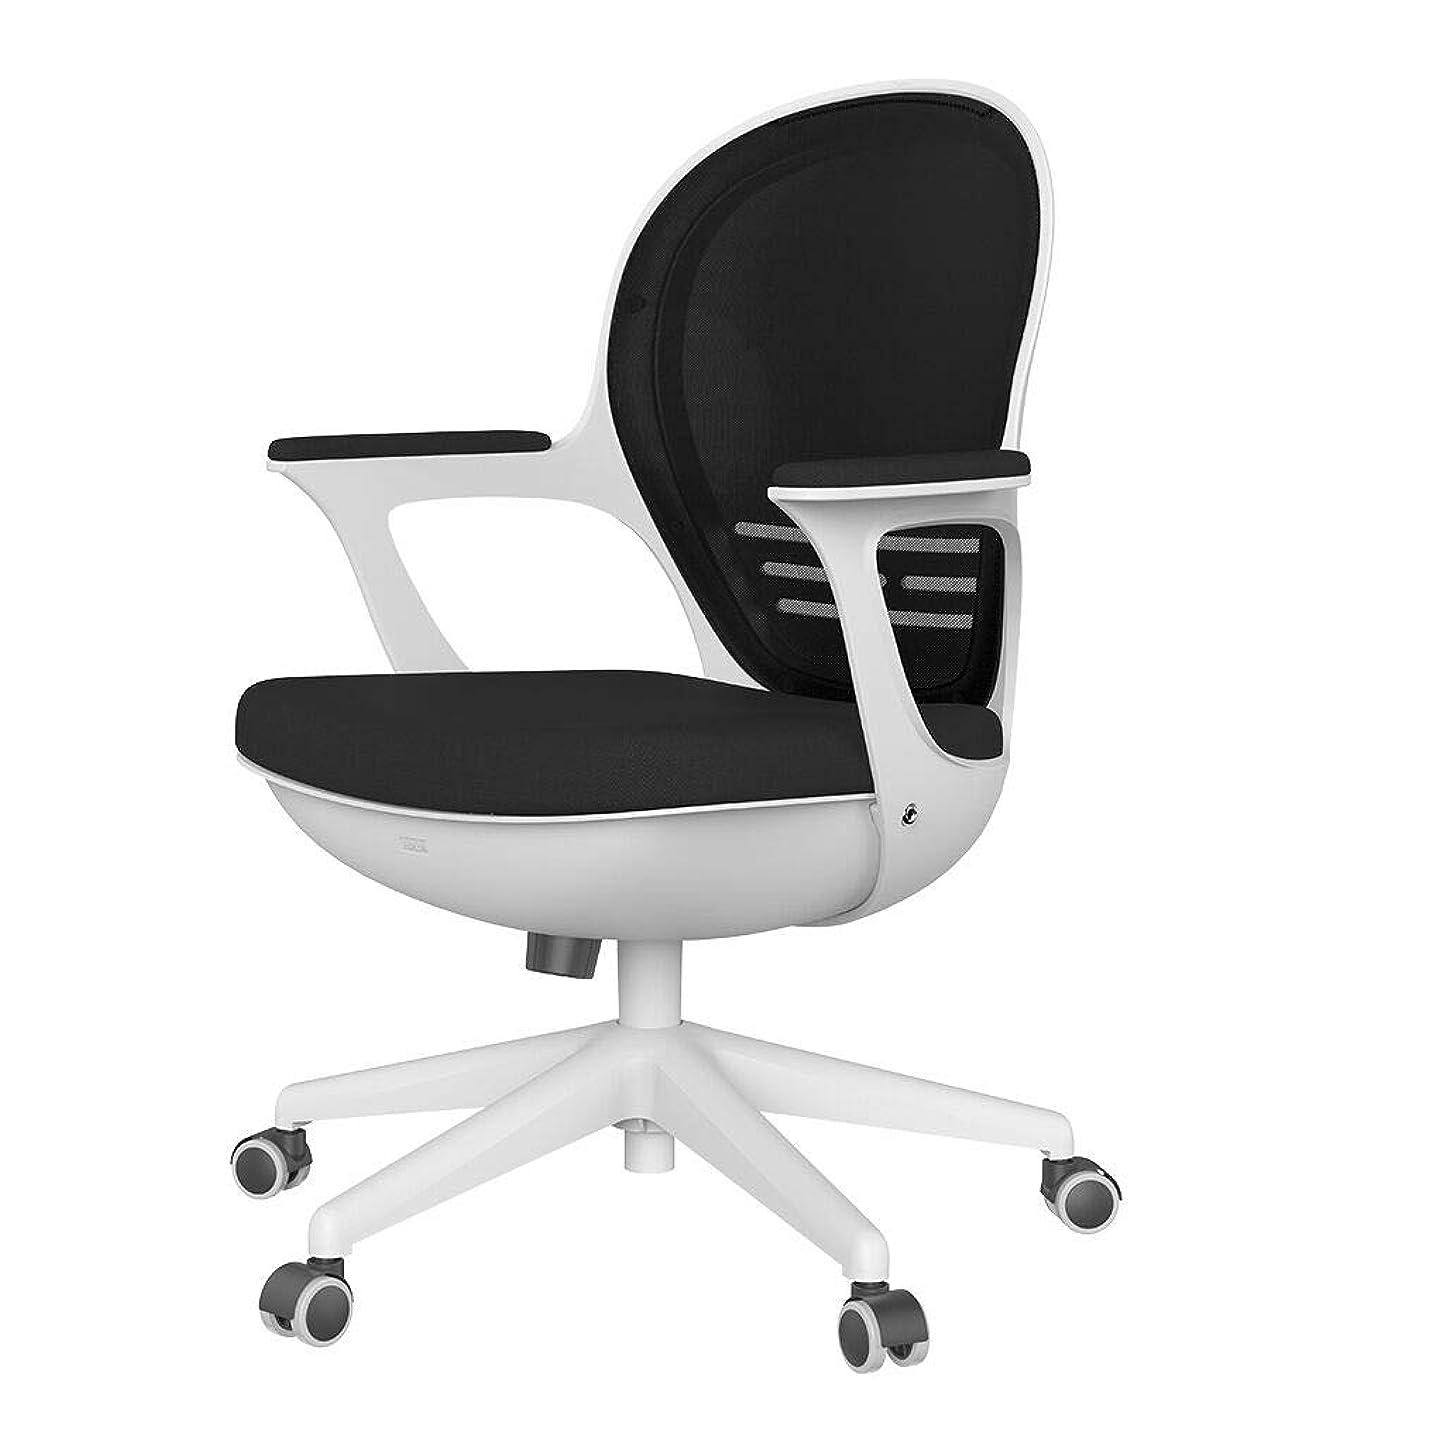 体小人先にAmazonベーシック オフィスチェア 椅子 ハイバックエグゼクティブチェア ブラック